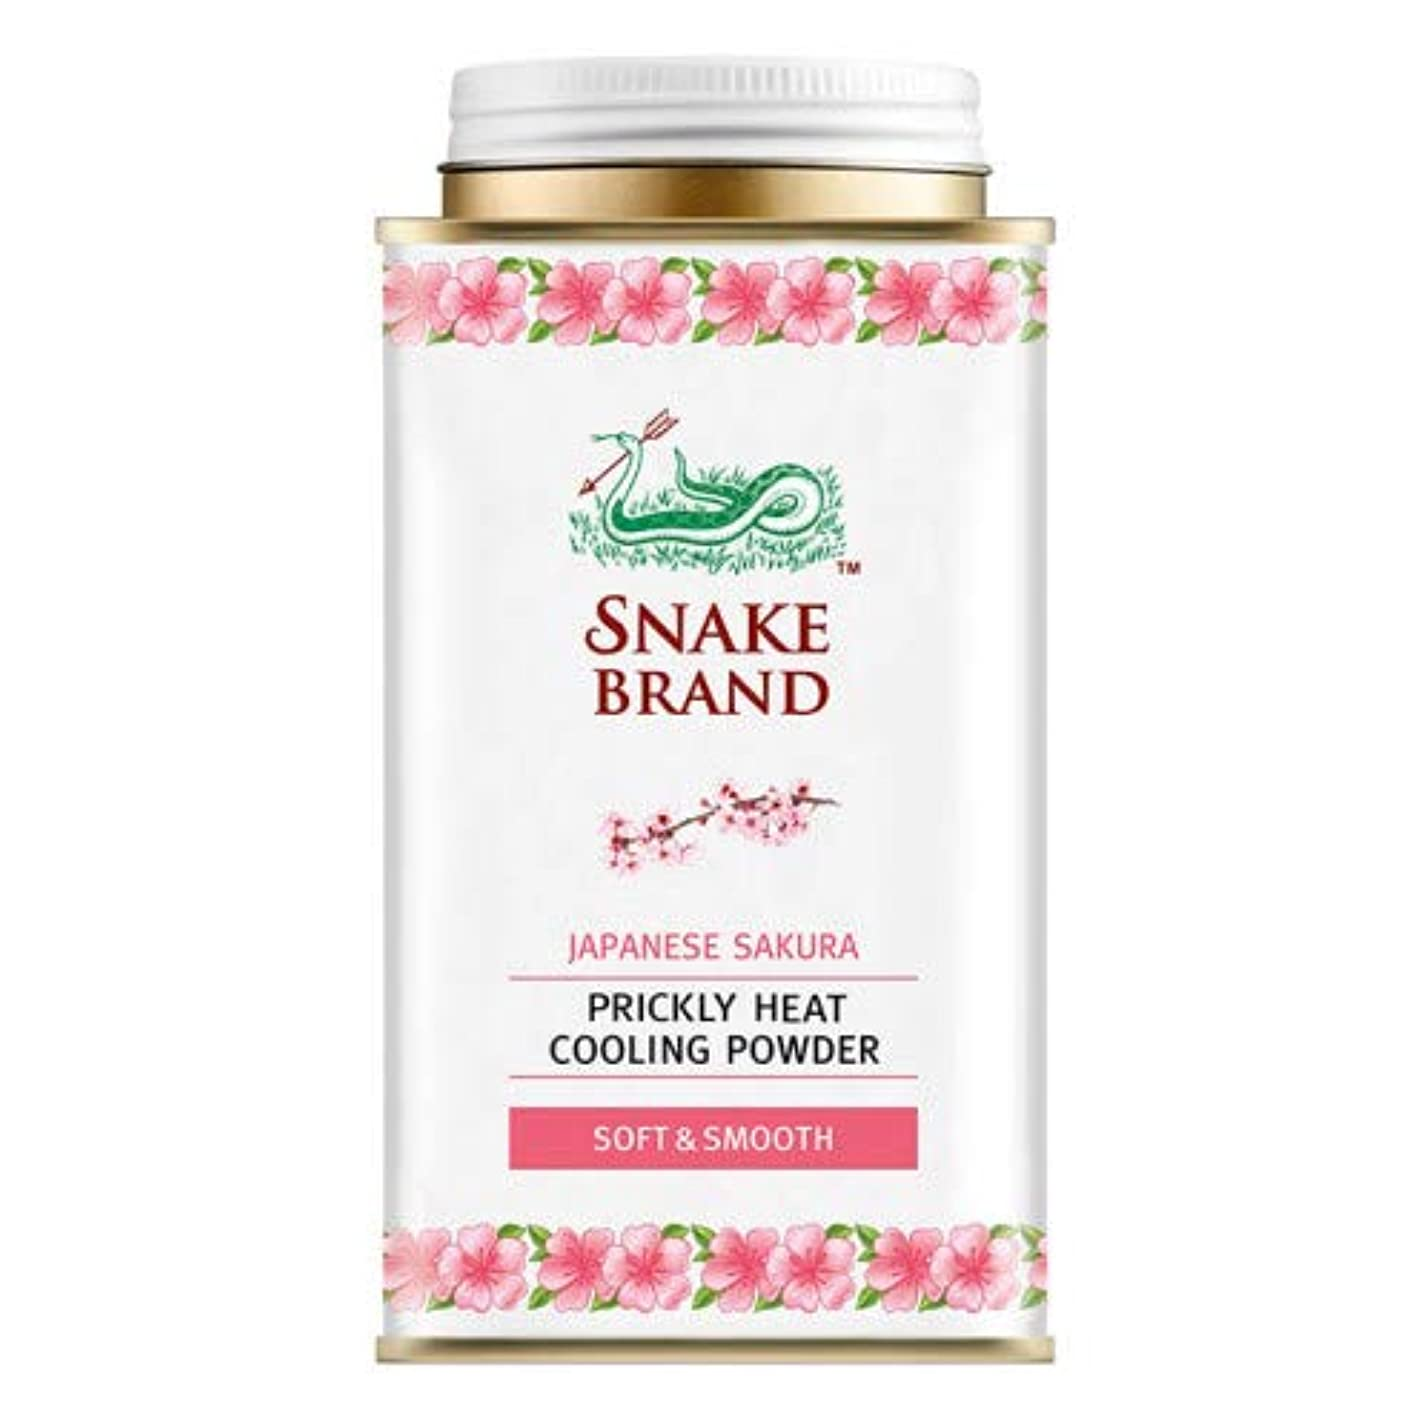 無数のスキャンダル元に戻すSnake Brand Prickly Heat Cooling Powder, good for heat rash 140 g. (Japanese Sakura)